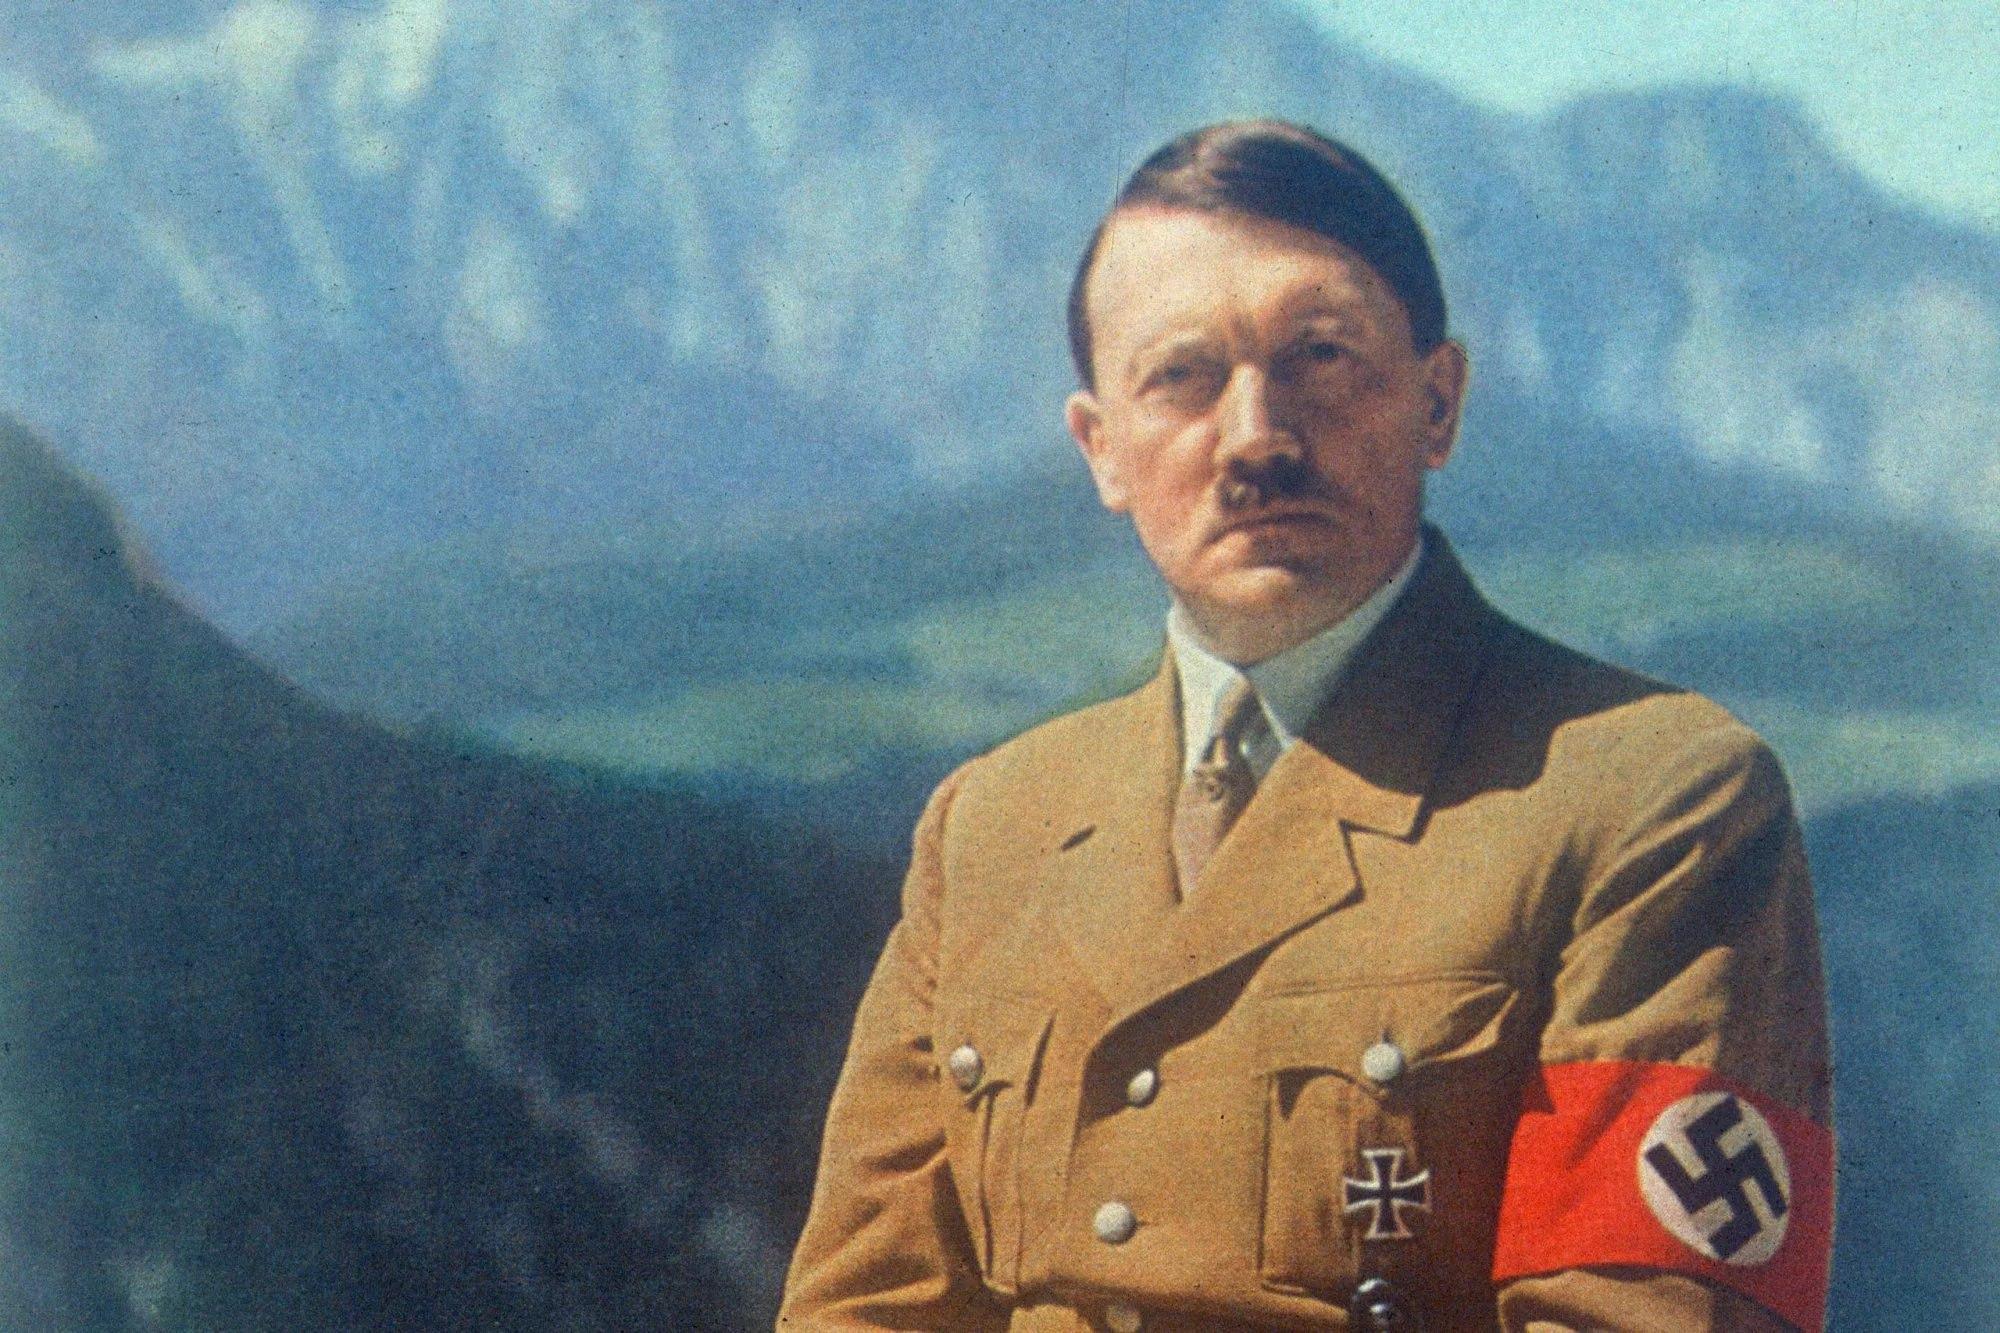 Принц ольденбургский член национал социалистической рабочей партии